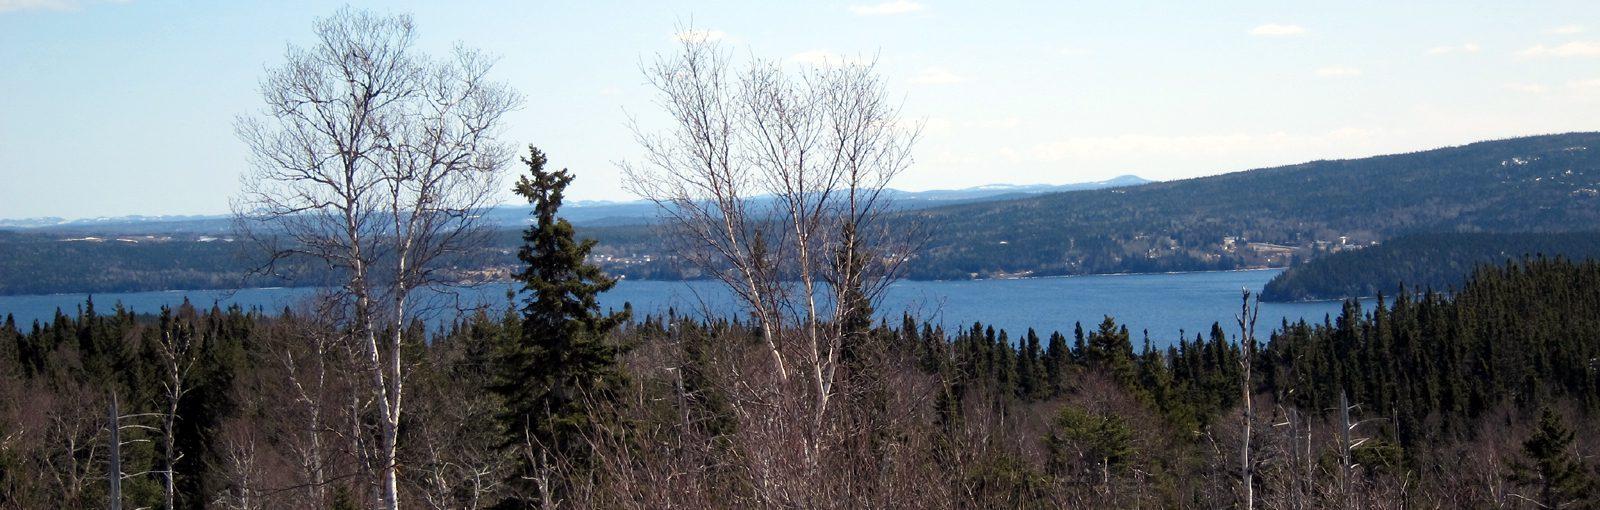 Gander Lake, Newfoundland - sliver